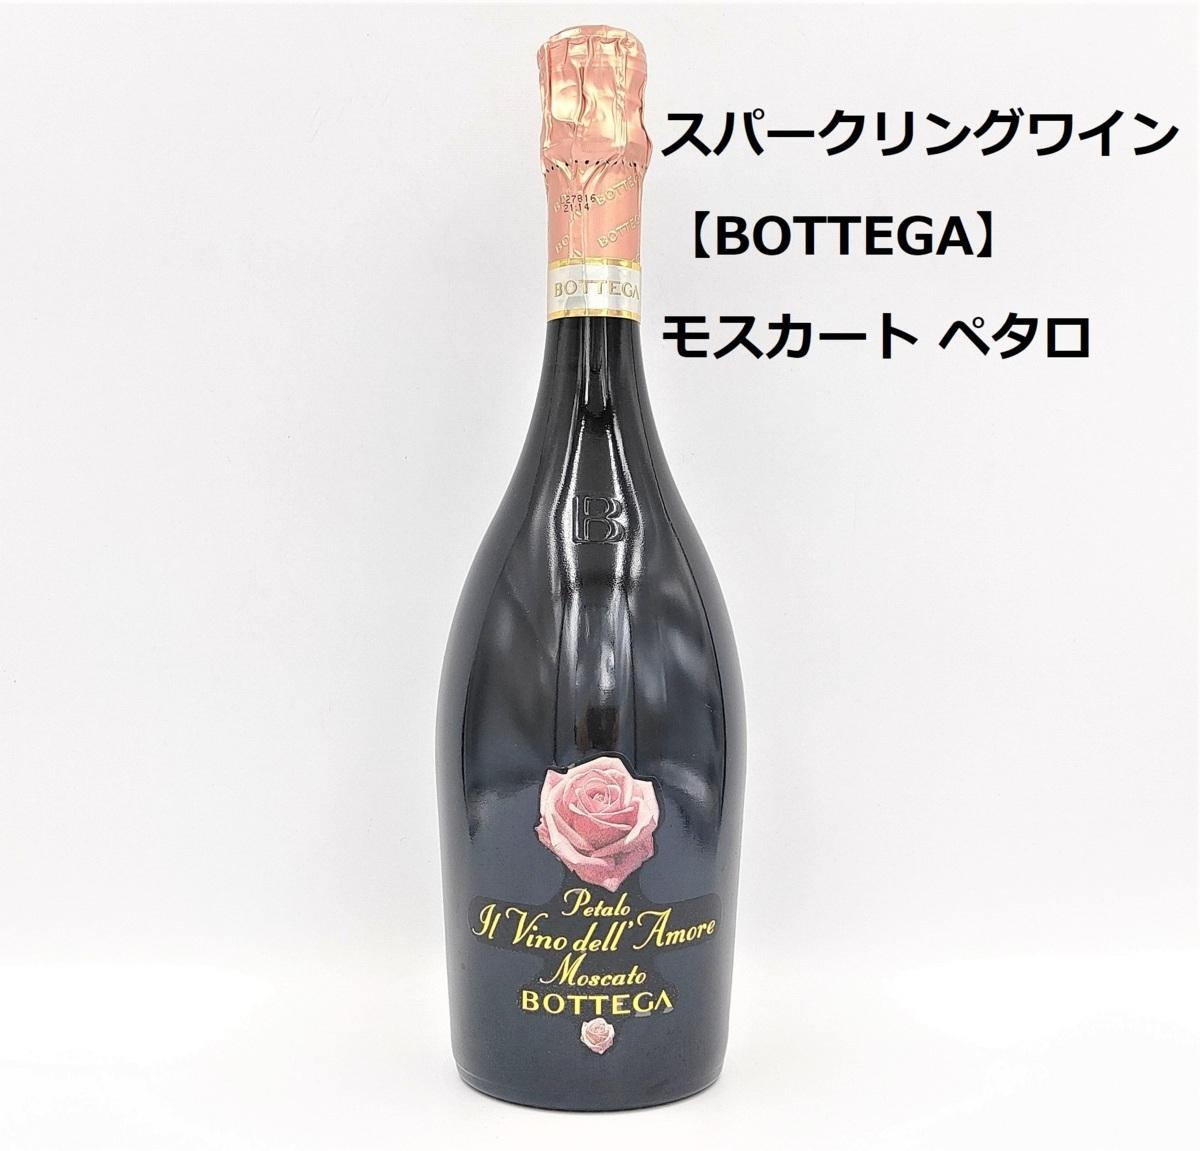 未開栓◇スパークリングワイン【BOTTEGA】モスカート ペタロ 8度未満 750ml ◇TAKASE(YA0